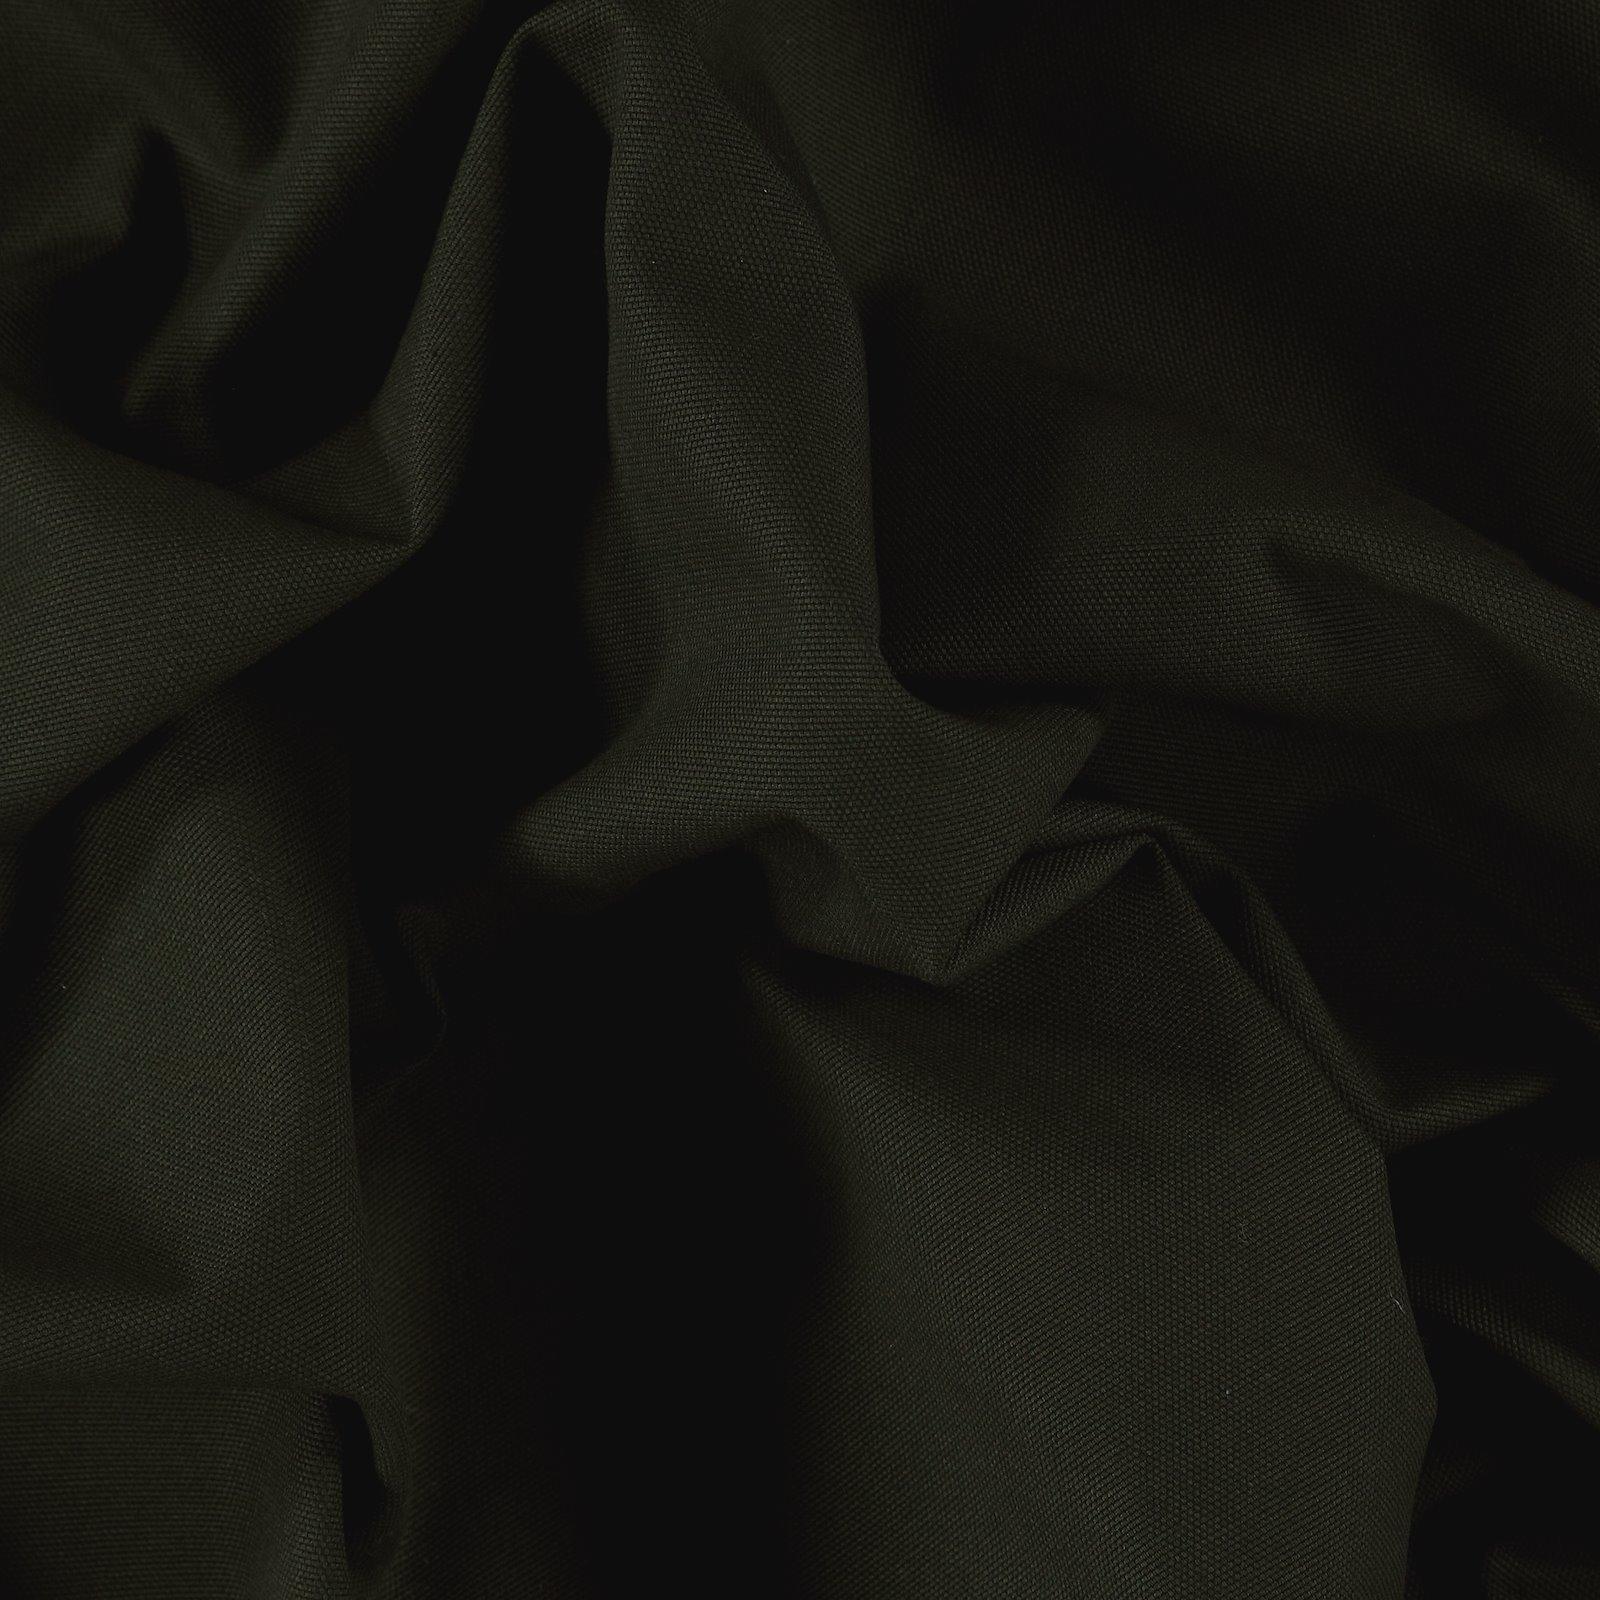 Cotton canvas dark bottle green